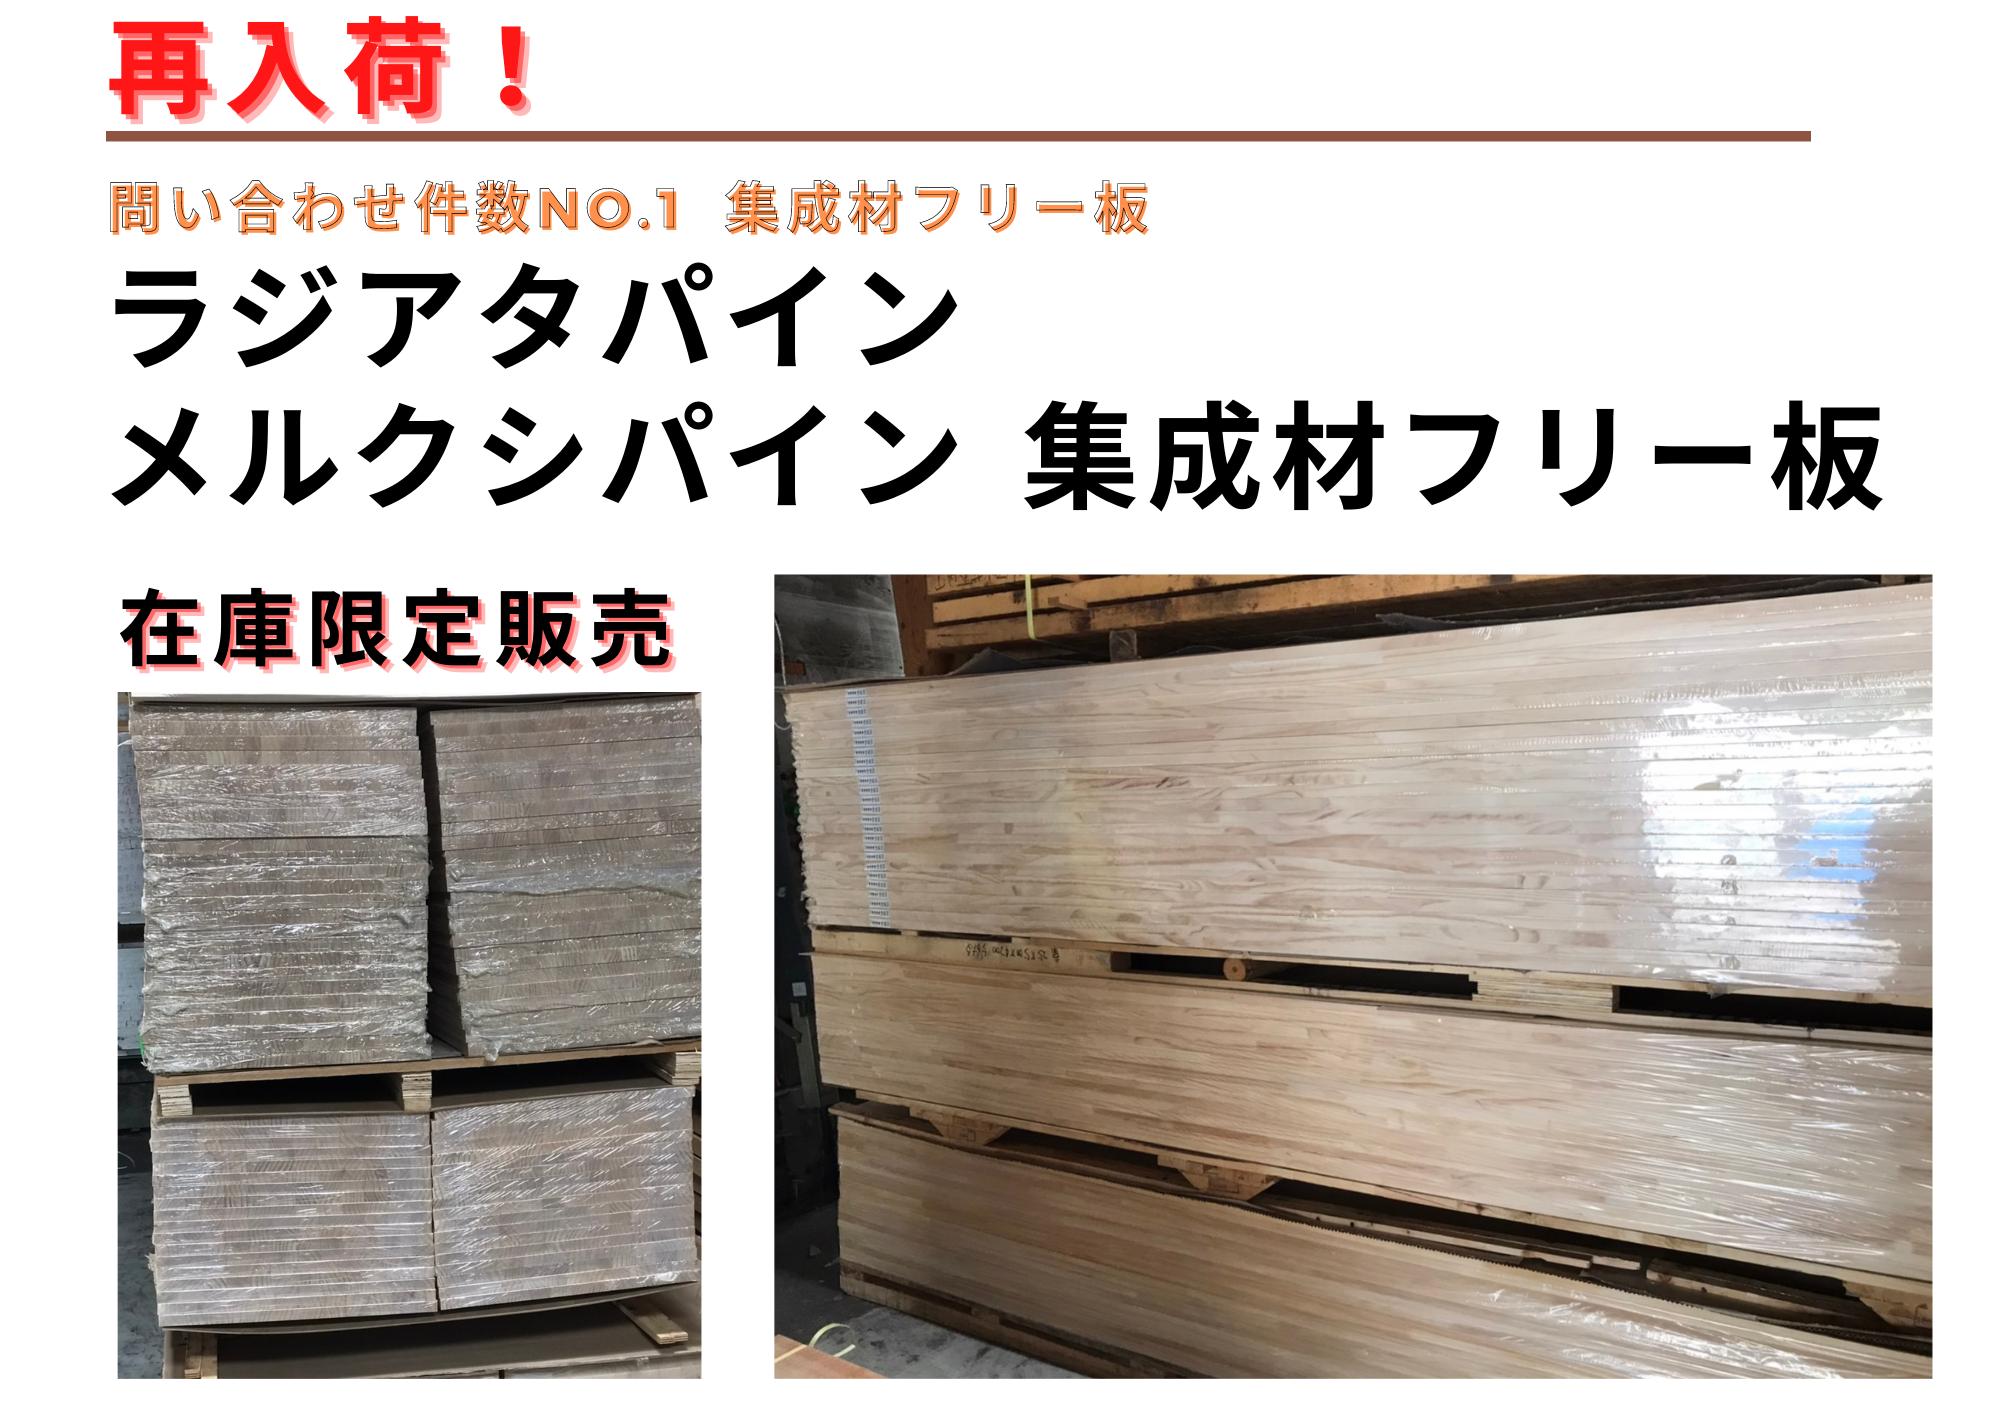 画像:【再入荷速報】ラジアタパイン・メルクシパインフリー板